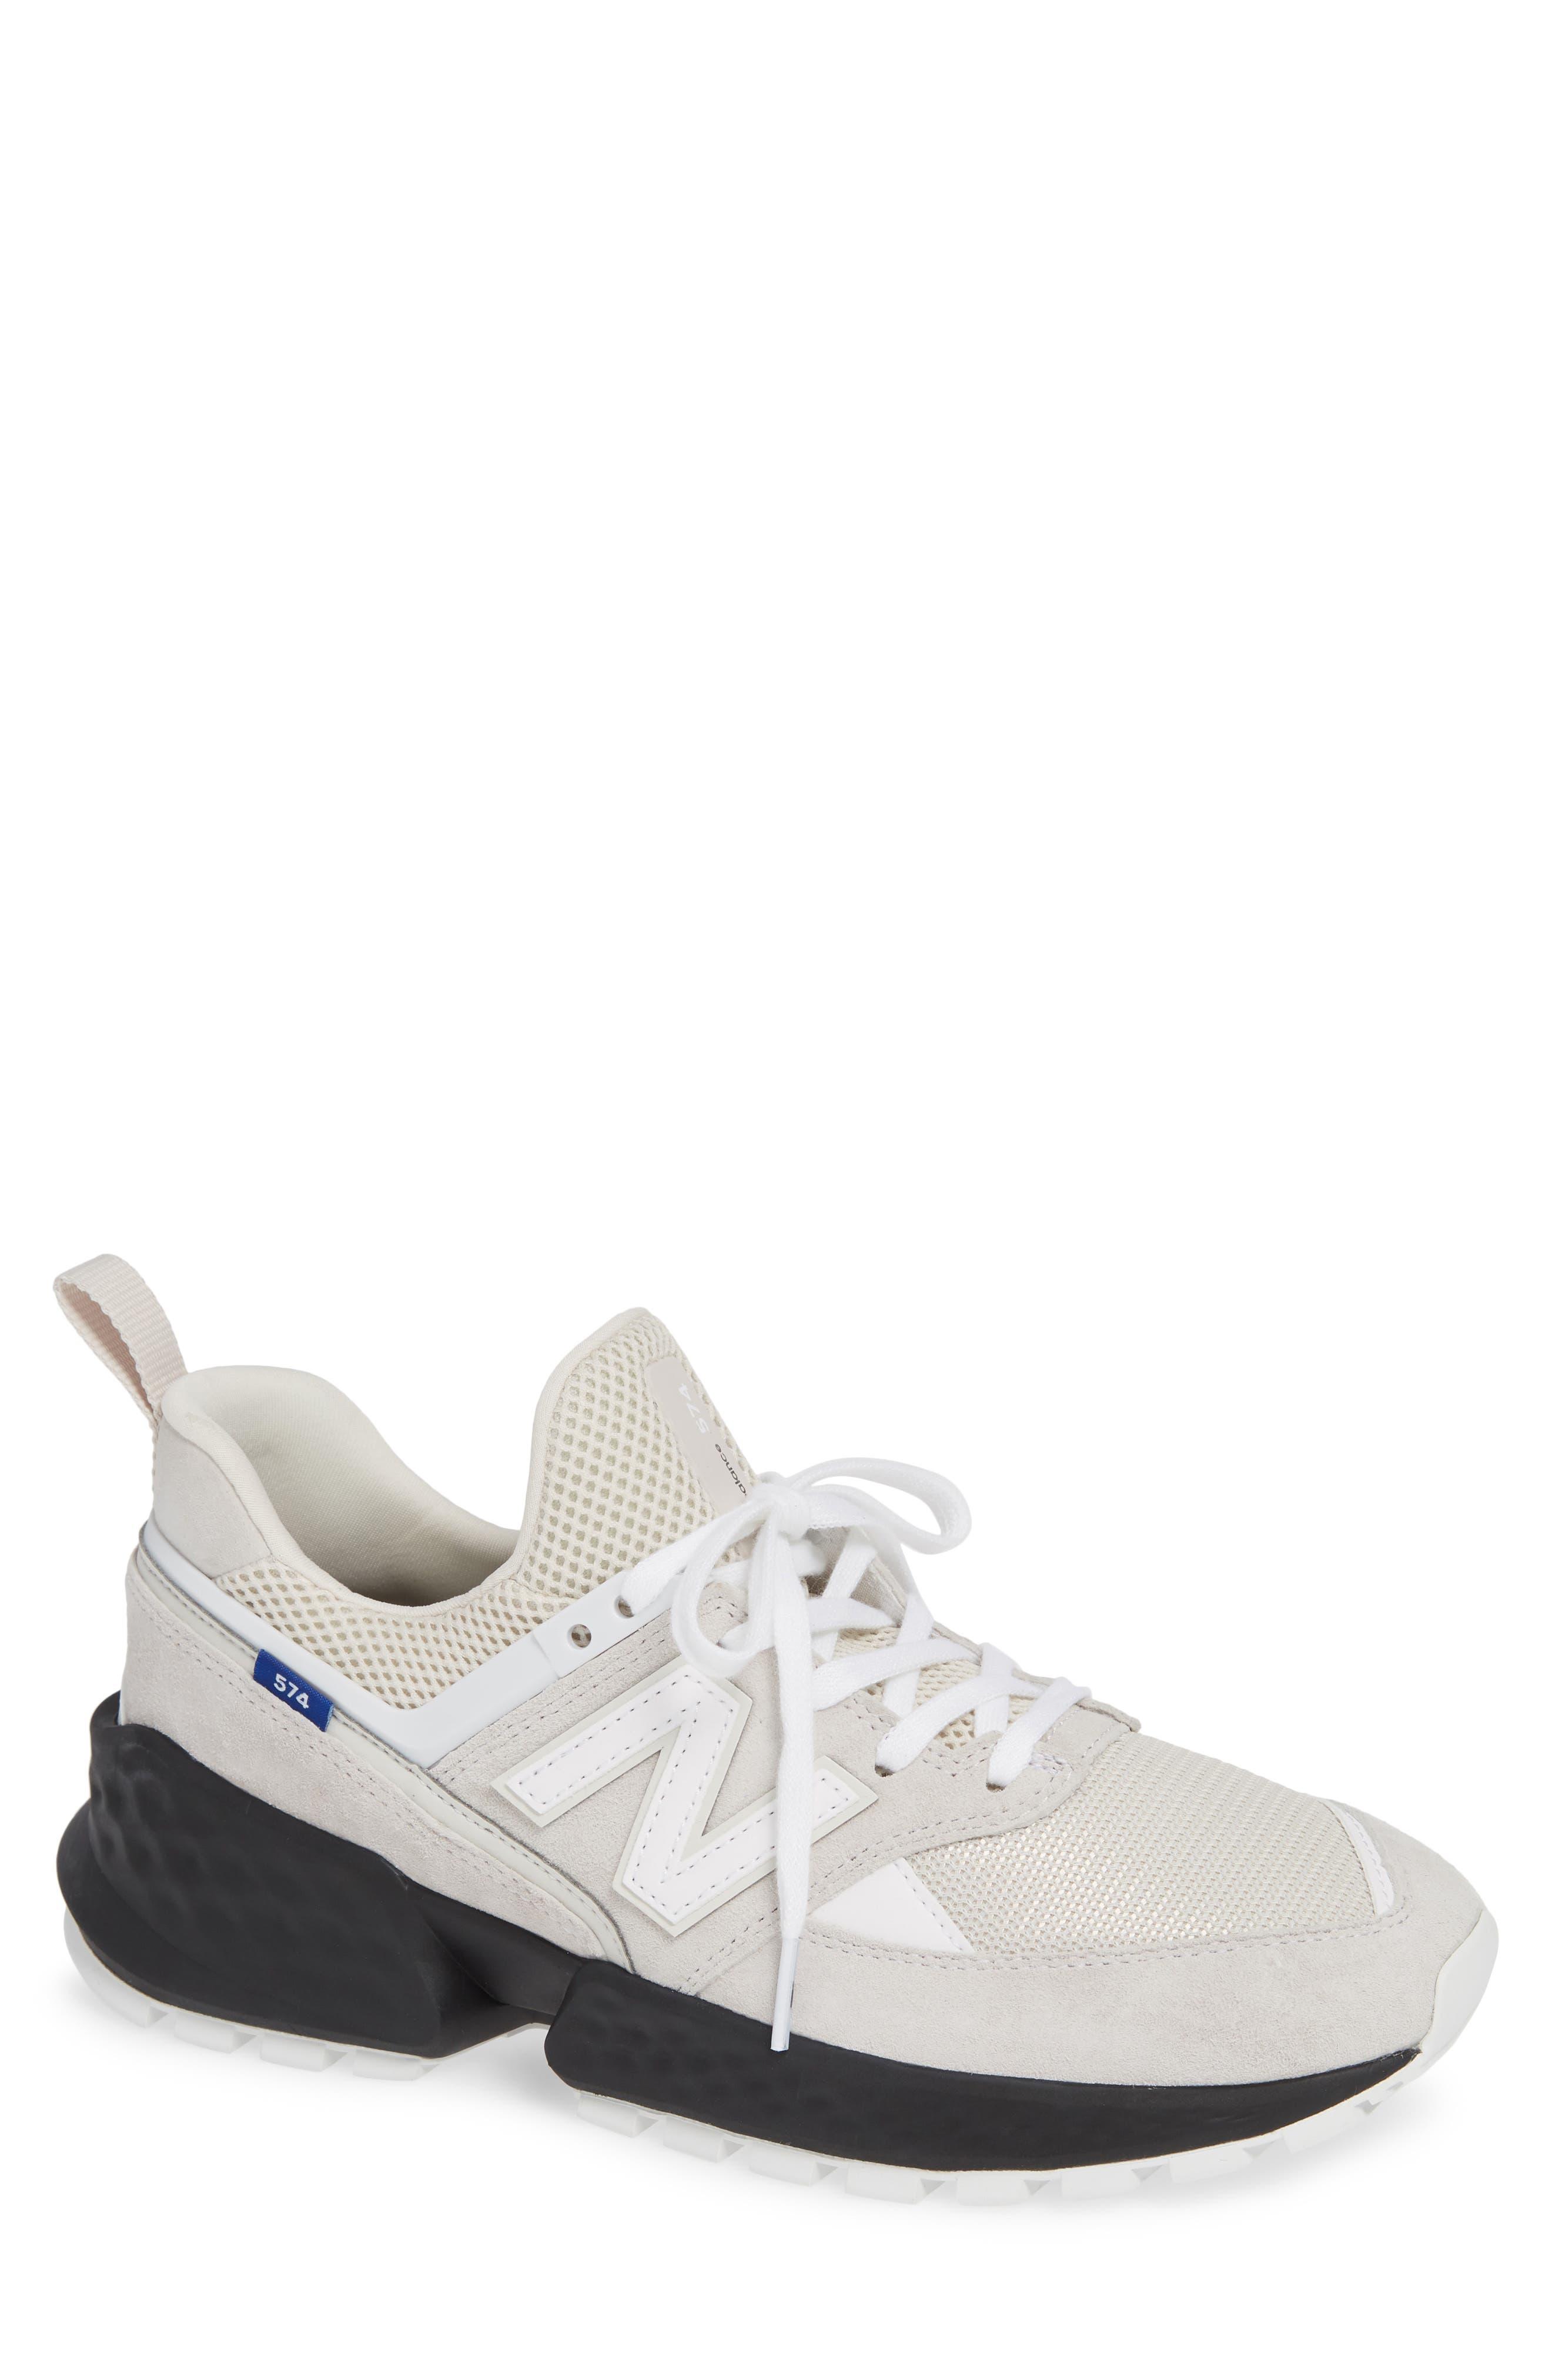 New Balance 574 Sport Sneaker - White